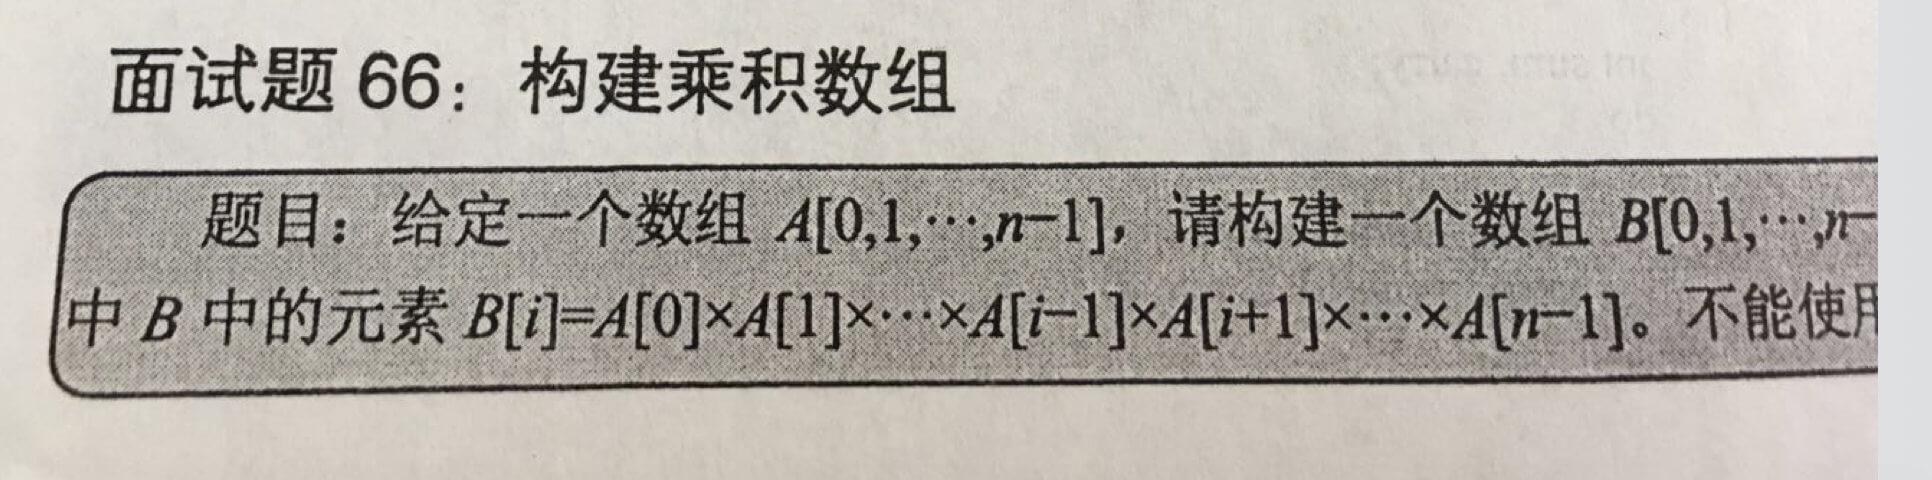 liwei20191011112_1.png